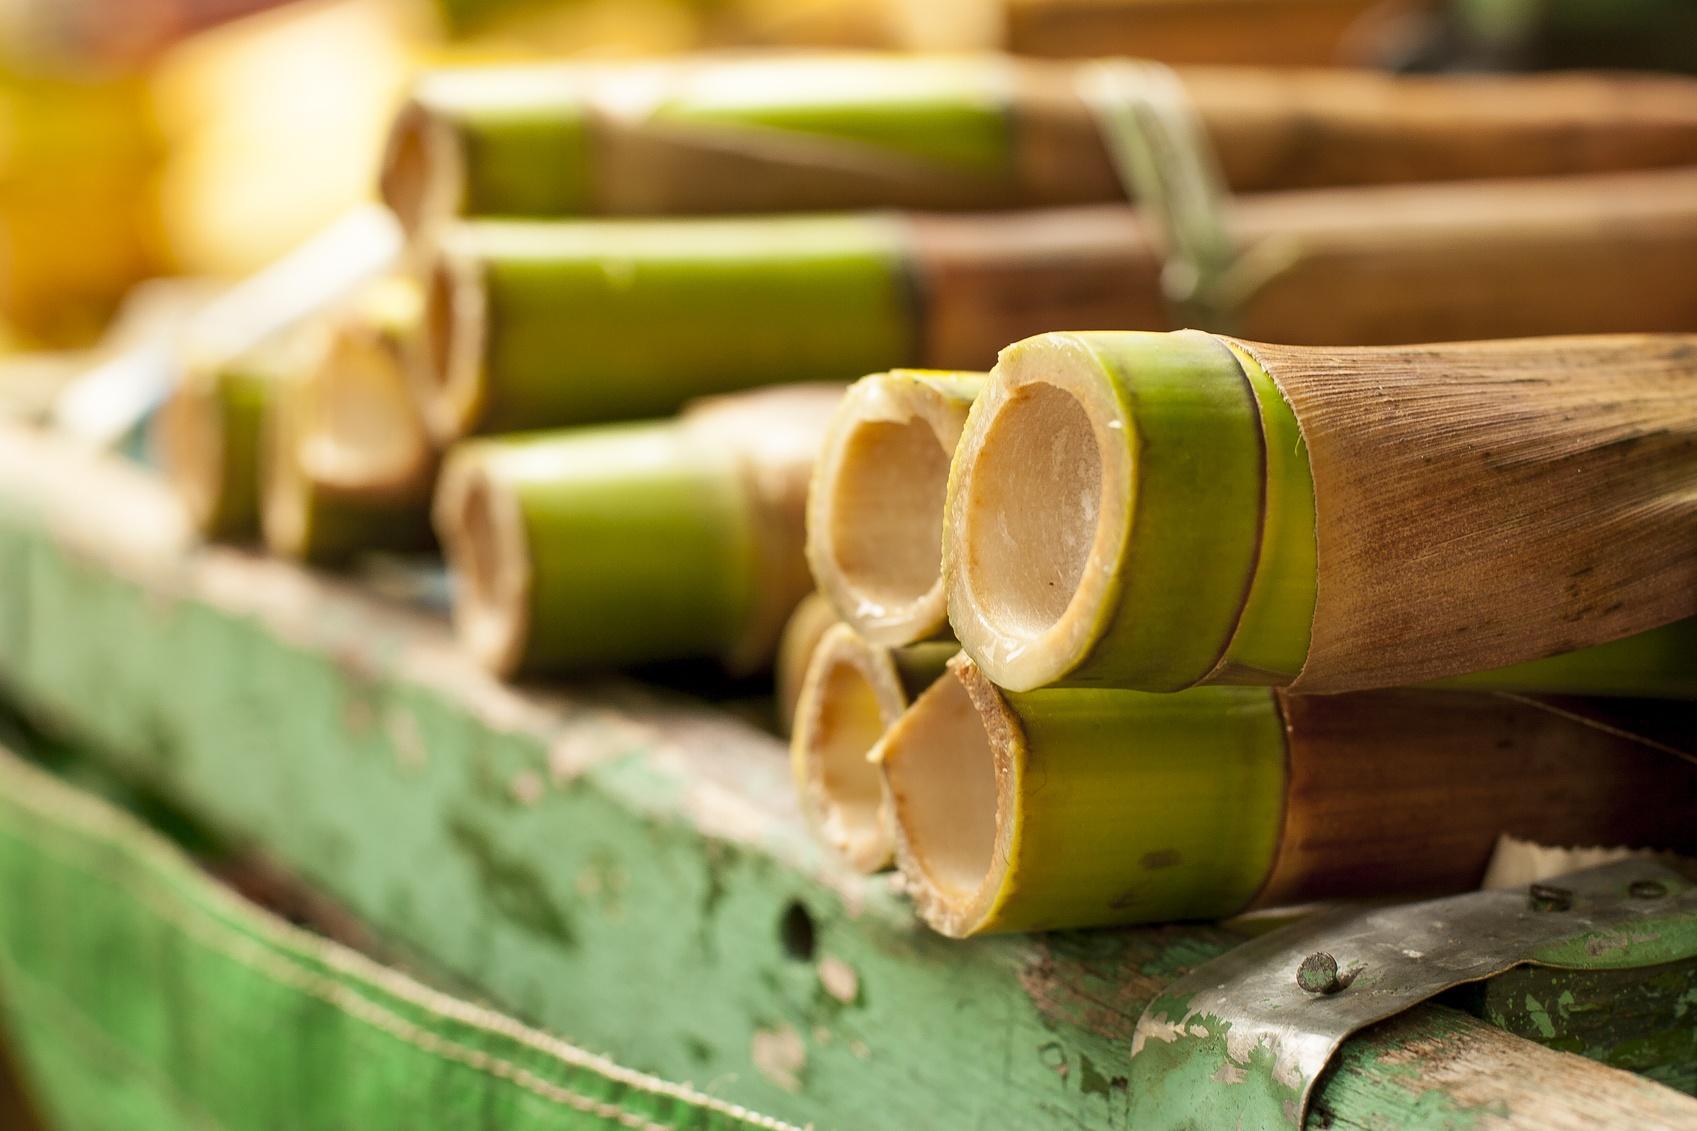 bambou porte bonheur une plante qui attire de bonnes nergies dans la maison. Black Bedroom Furniture Sets. Home Design Ideas